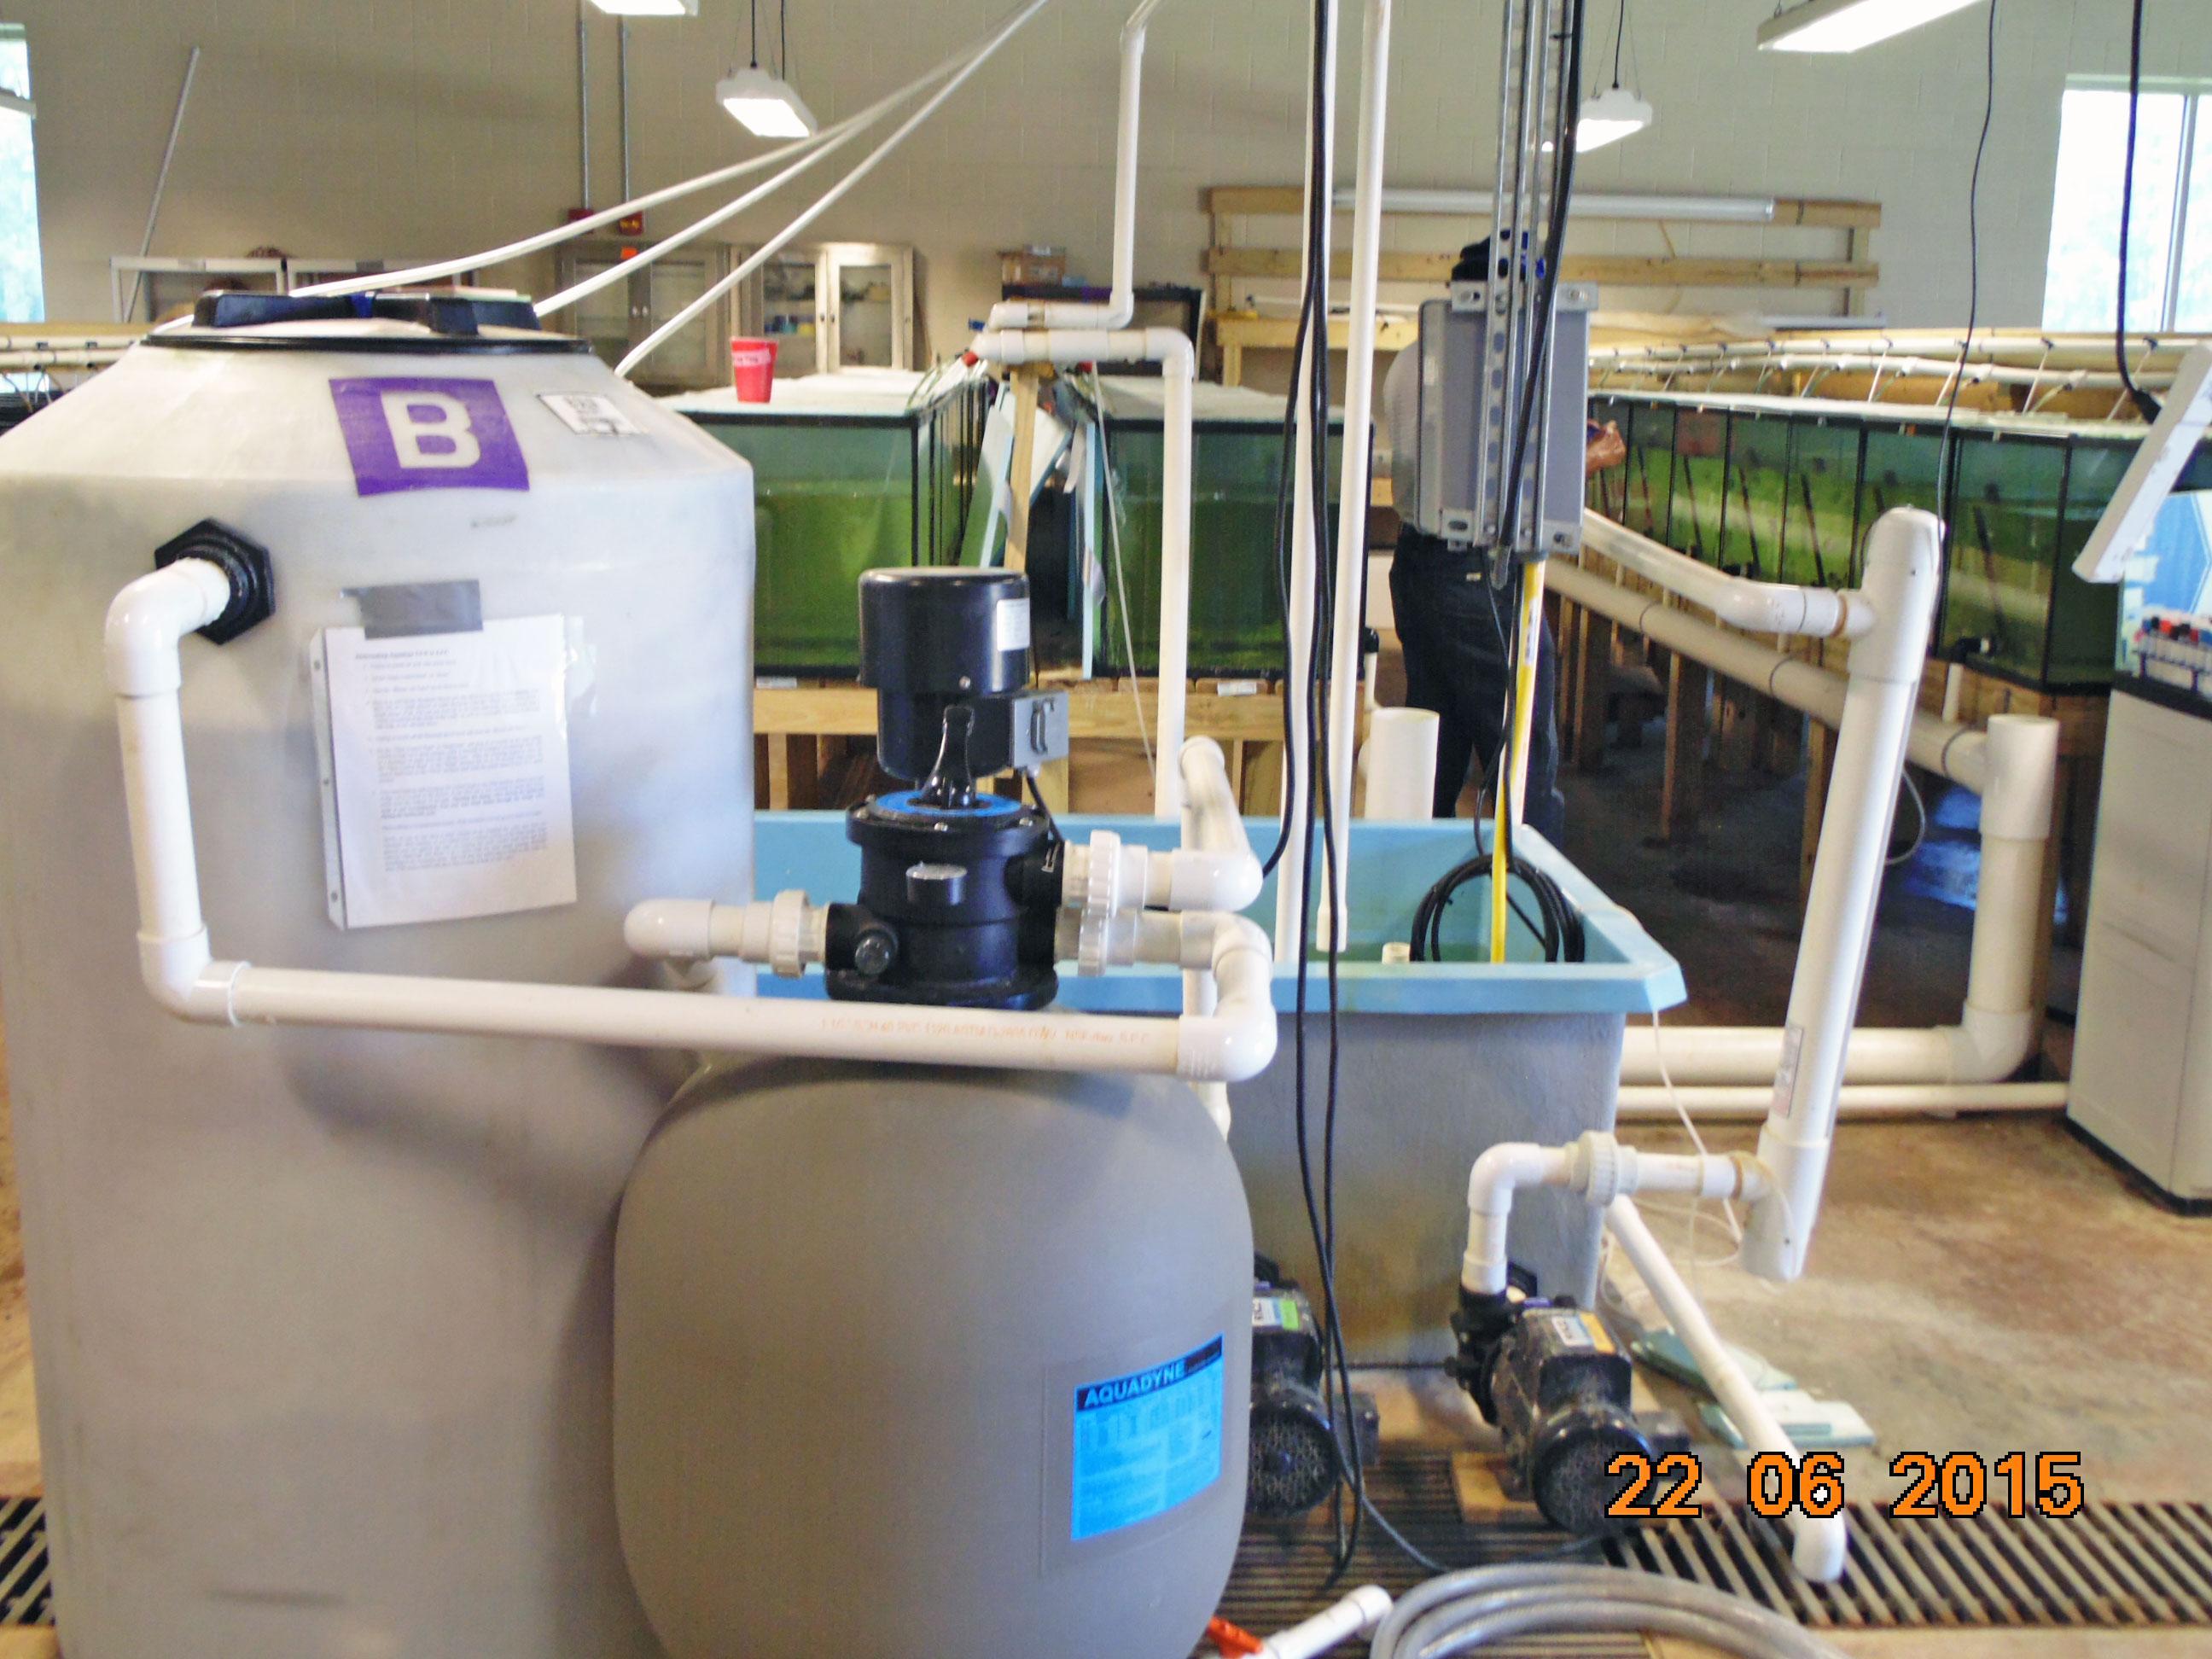 Filtro biológico (biofiltro) com substratos plásticos em movimento (cilindro mais alto) ao lado de um filtro mecânico de esferas plásticas em um laboratório de nutrição de peixes da Universidade de Auburn, Alabama, USA